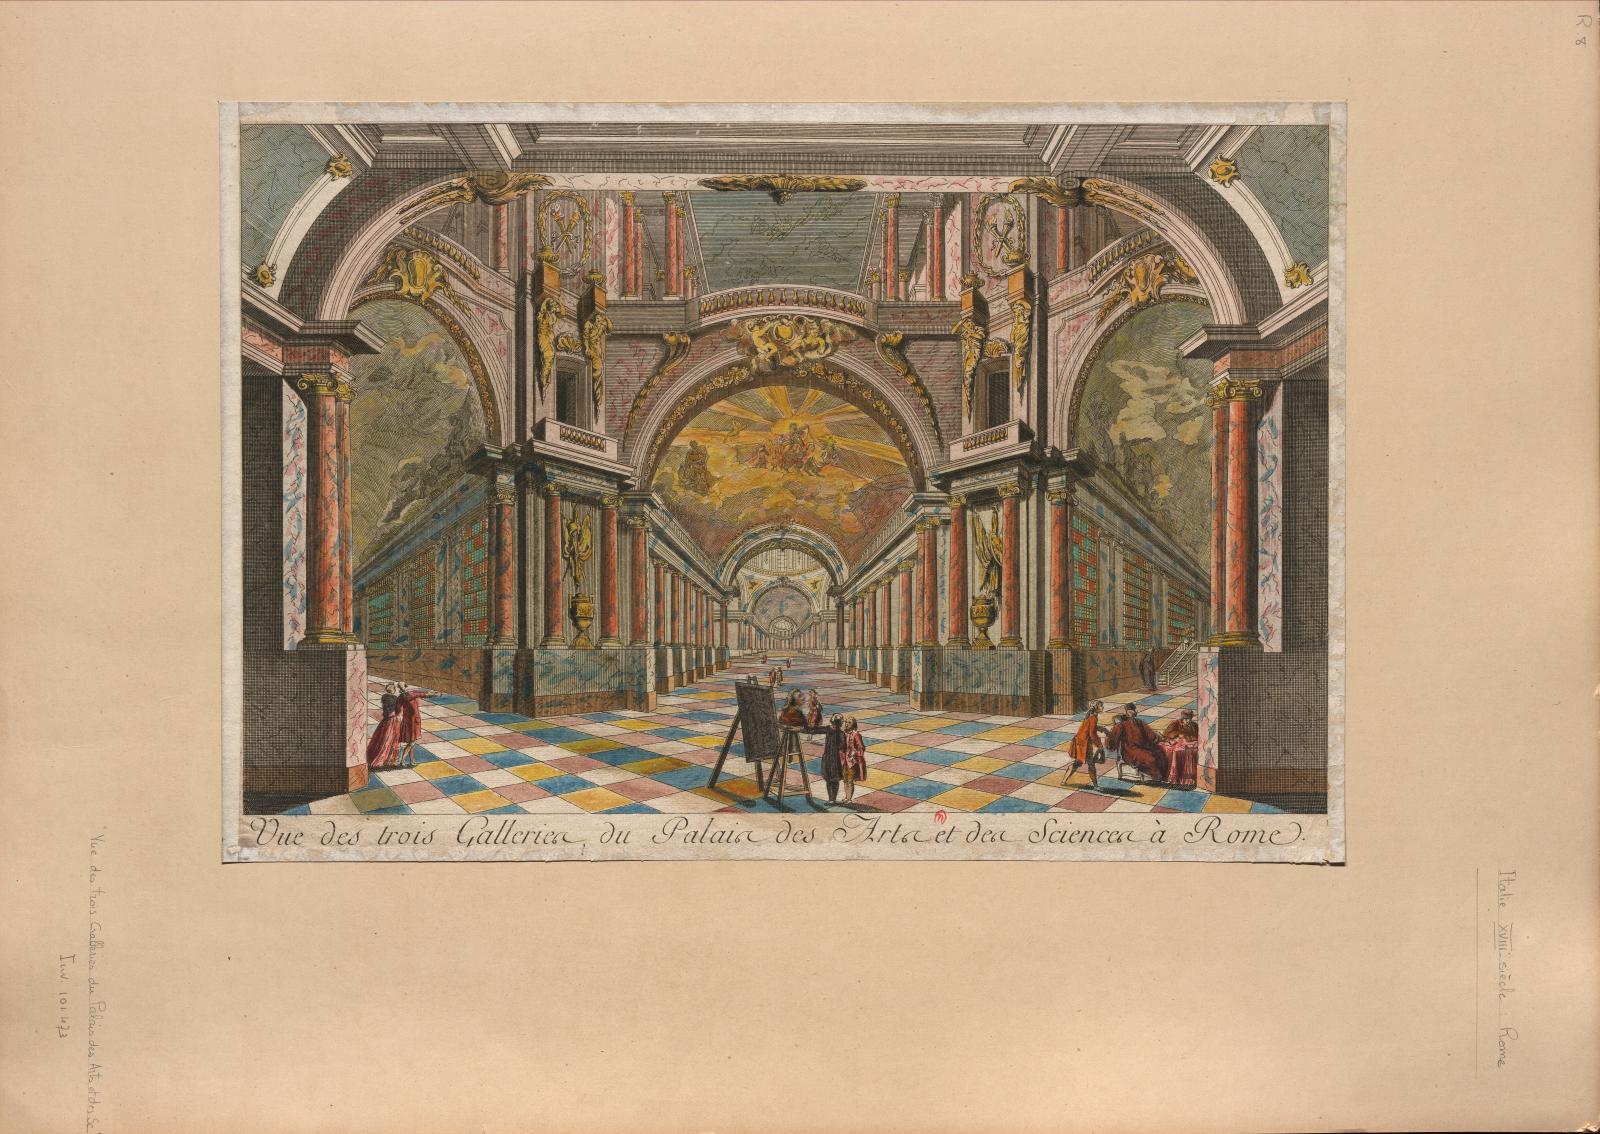 Anonyme, Vue des trois galeries du Palais des Arts et des Sciences à Rome, eau-forte coloriée, seconde moitié du XVIIIesiècle. © Biblioth